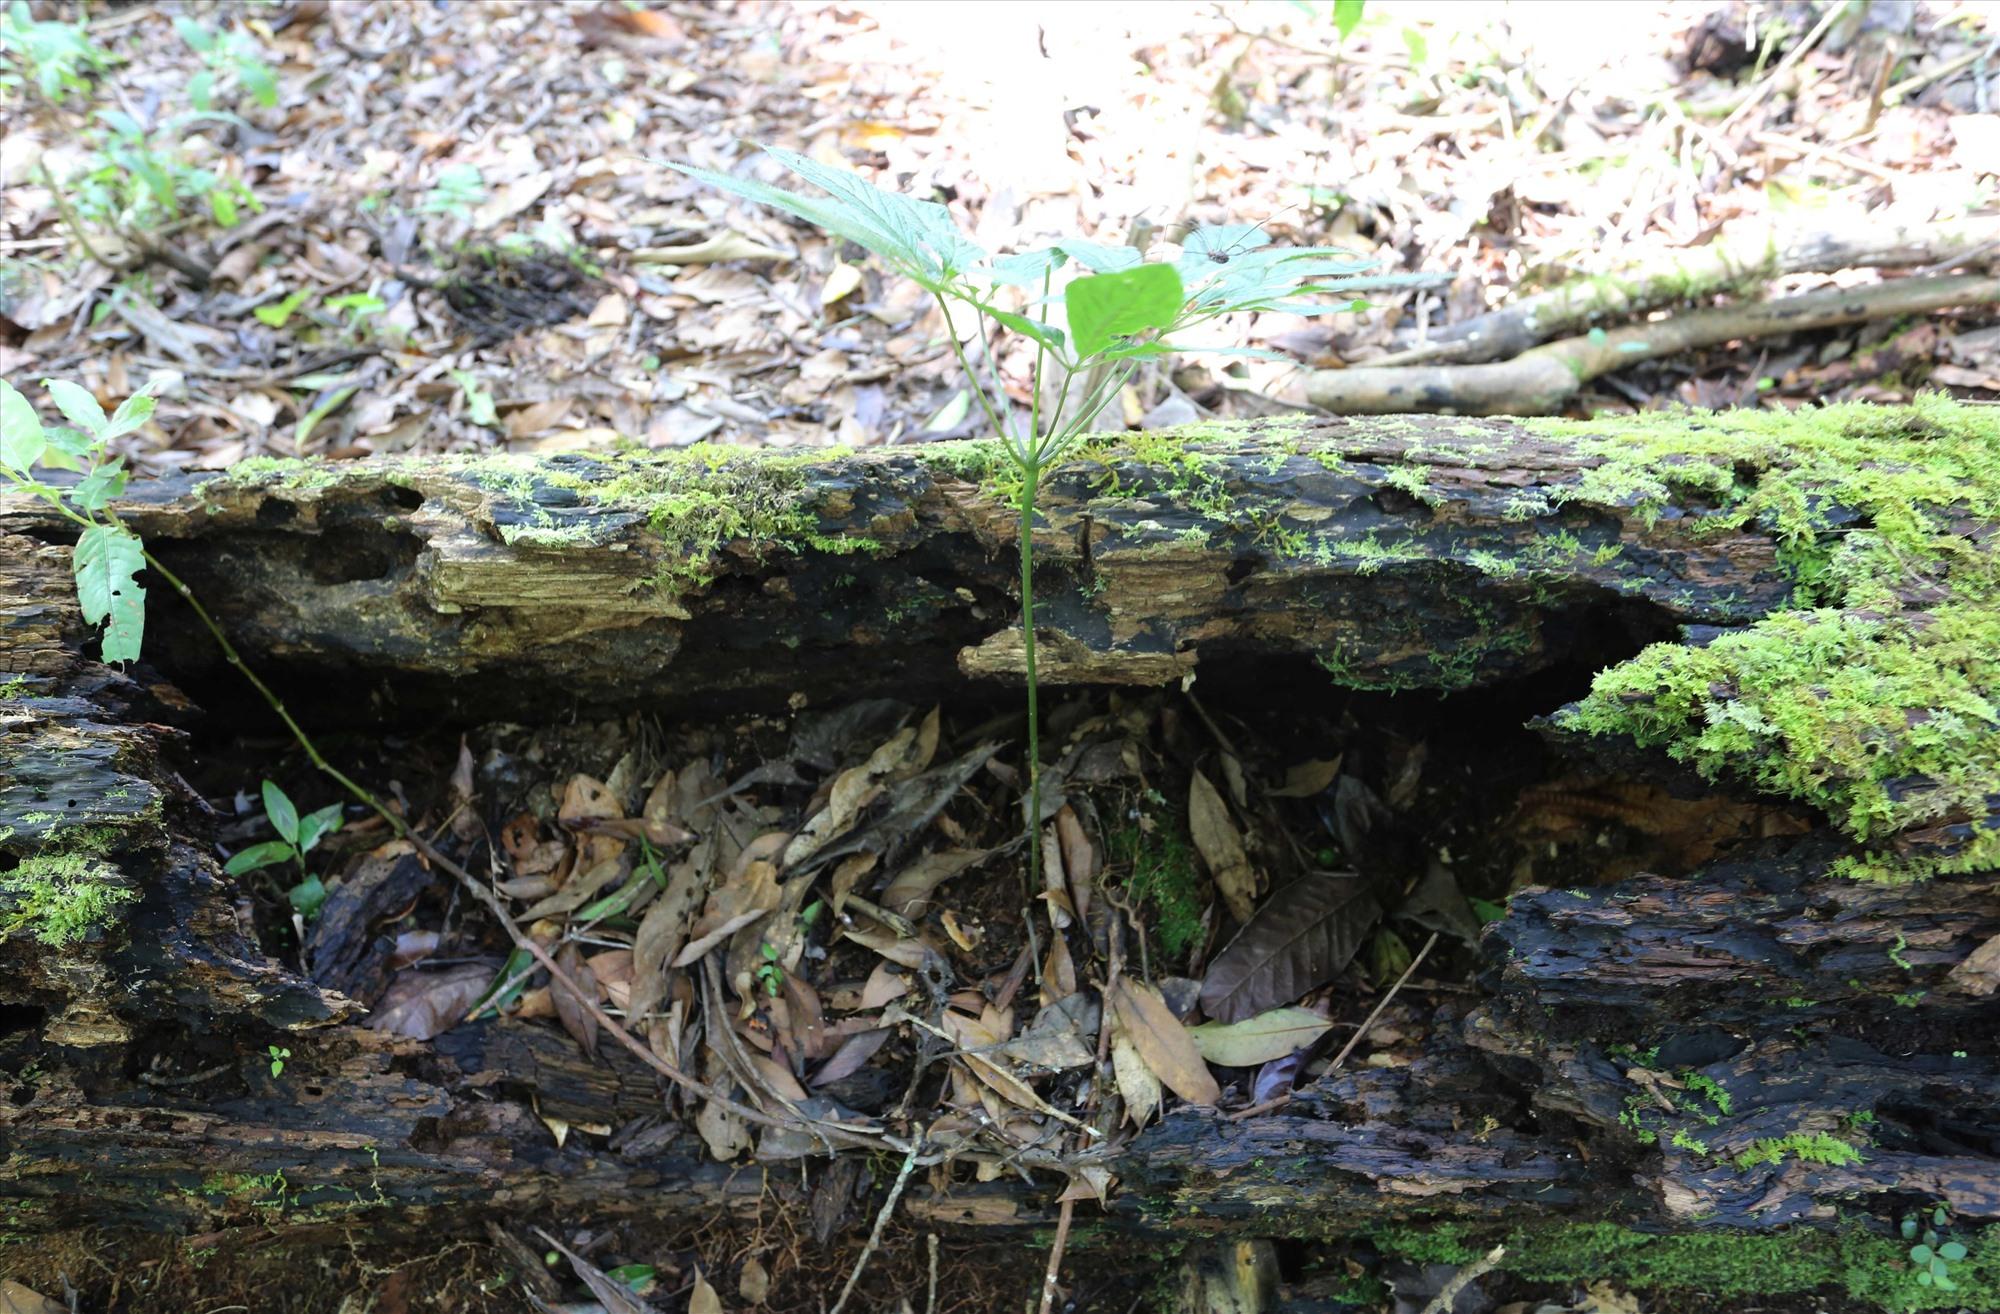 Một cây sâm trồng trên thân cây gỗ mục phát triển xanh tốt.